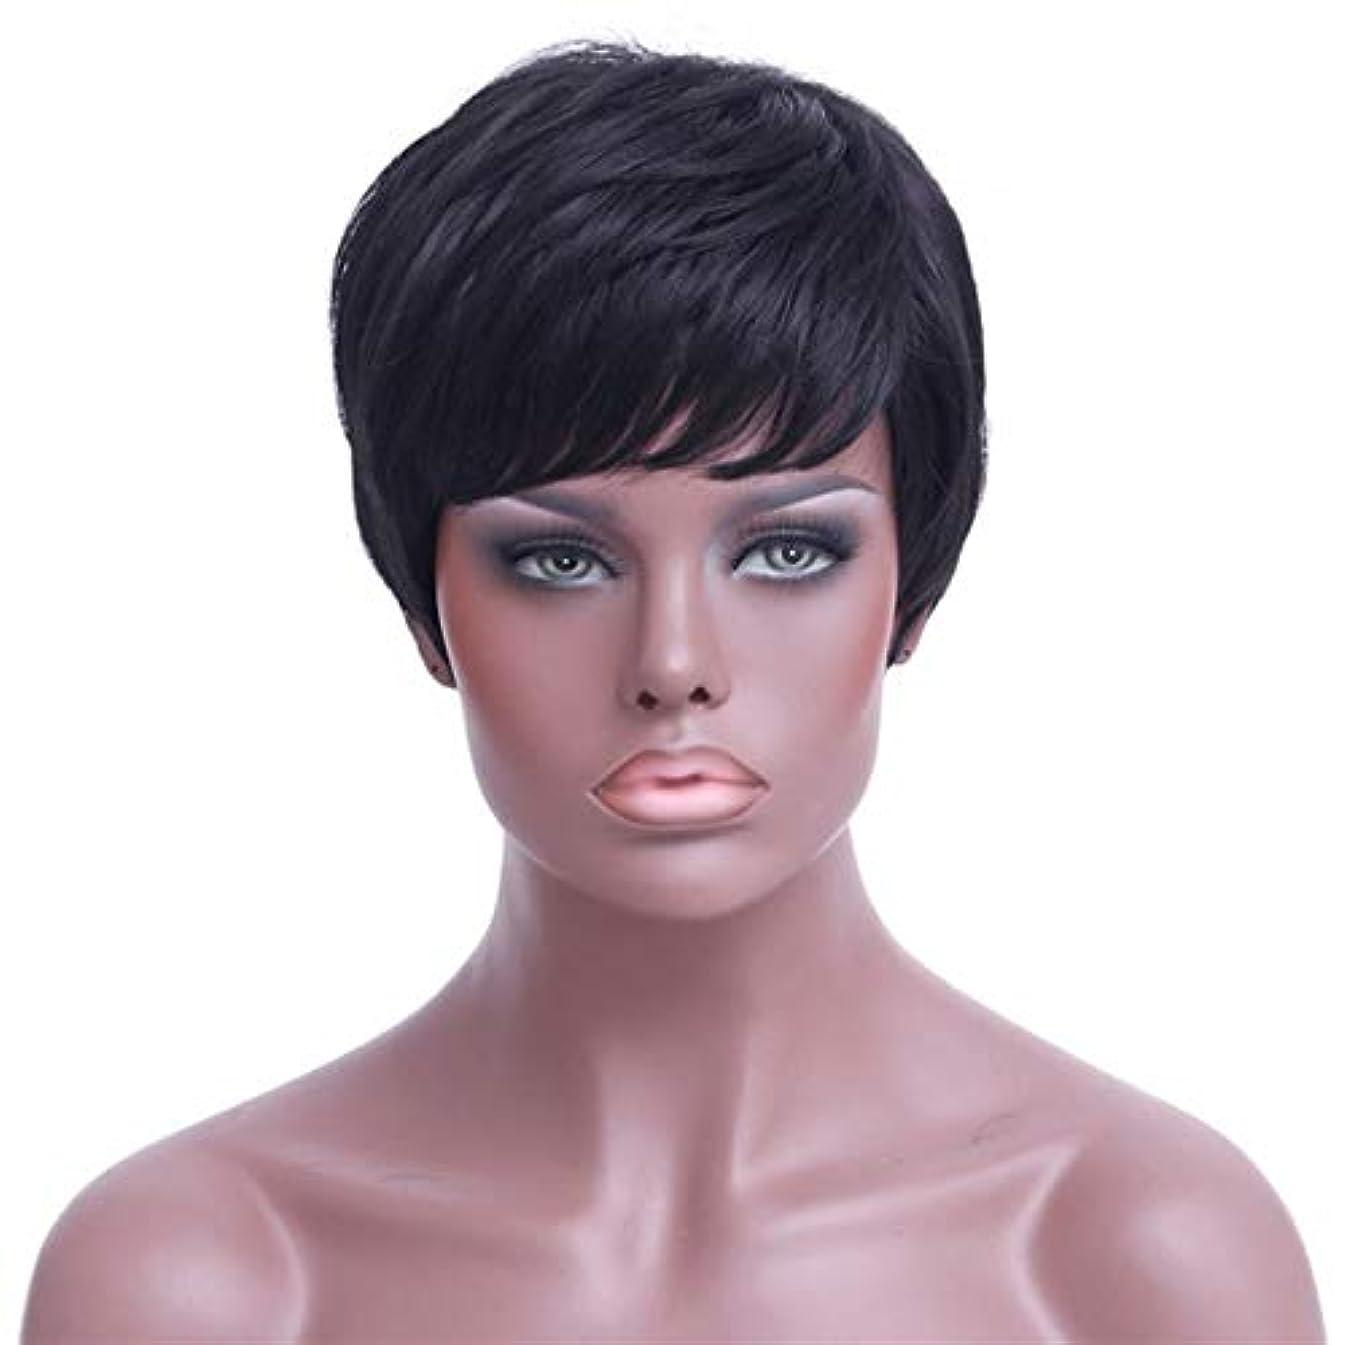 早熟眉好ましいSRY-Wigファッション ファッション短い髪のかつらかつらヨーロッパとアメリカの短いストレートヘアブラックショートヘアウィッグ高温シルクケミカルファイバーウィッグ (Color : Black)